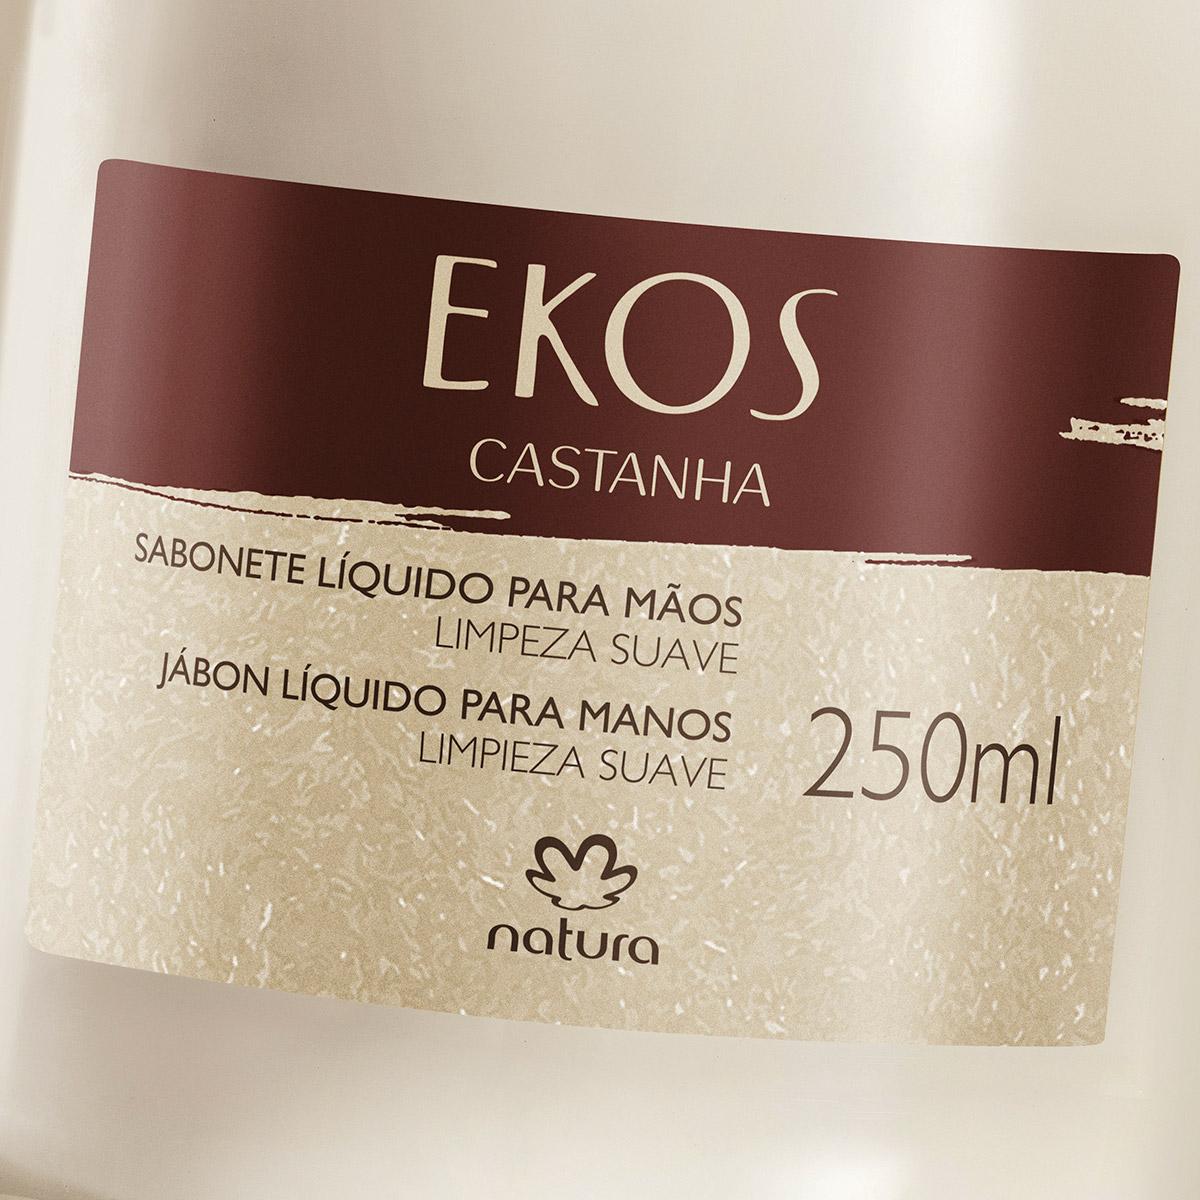 Sabonete Líquido para Mãos Castanha Ekos - 250ml - 62943